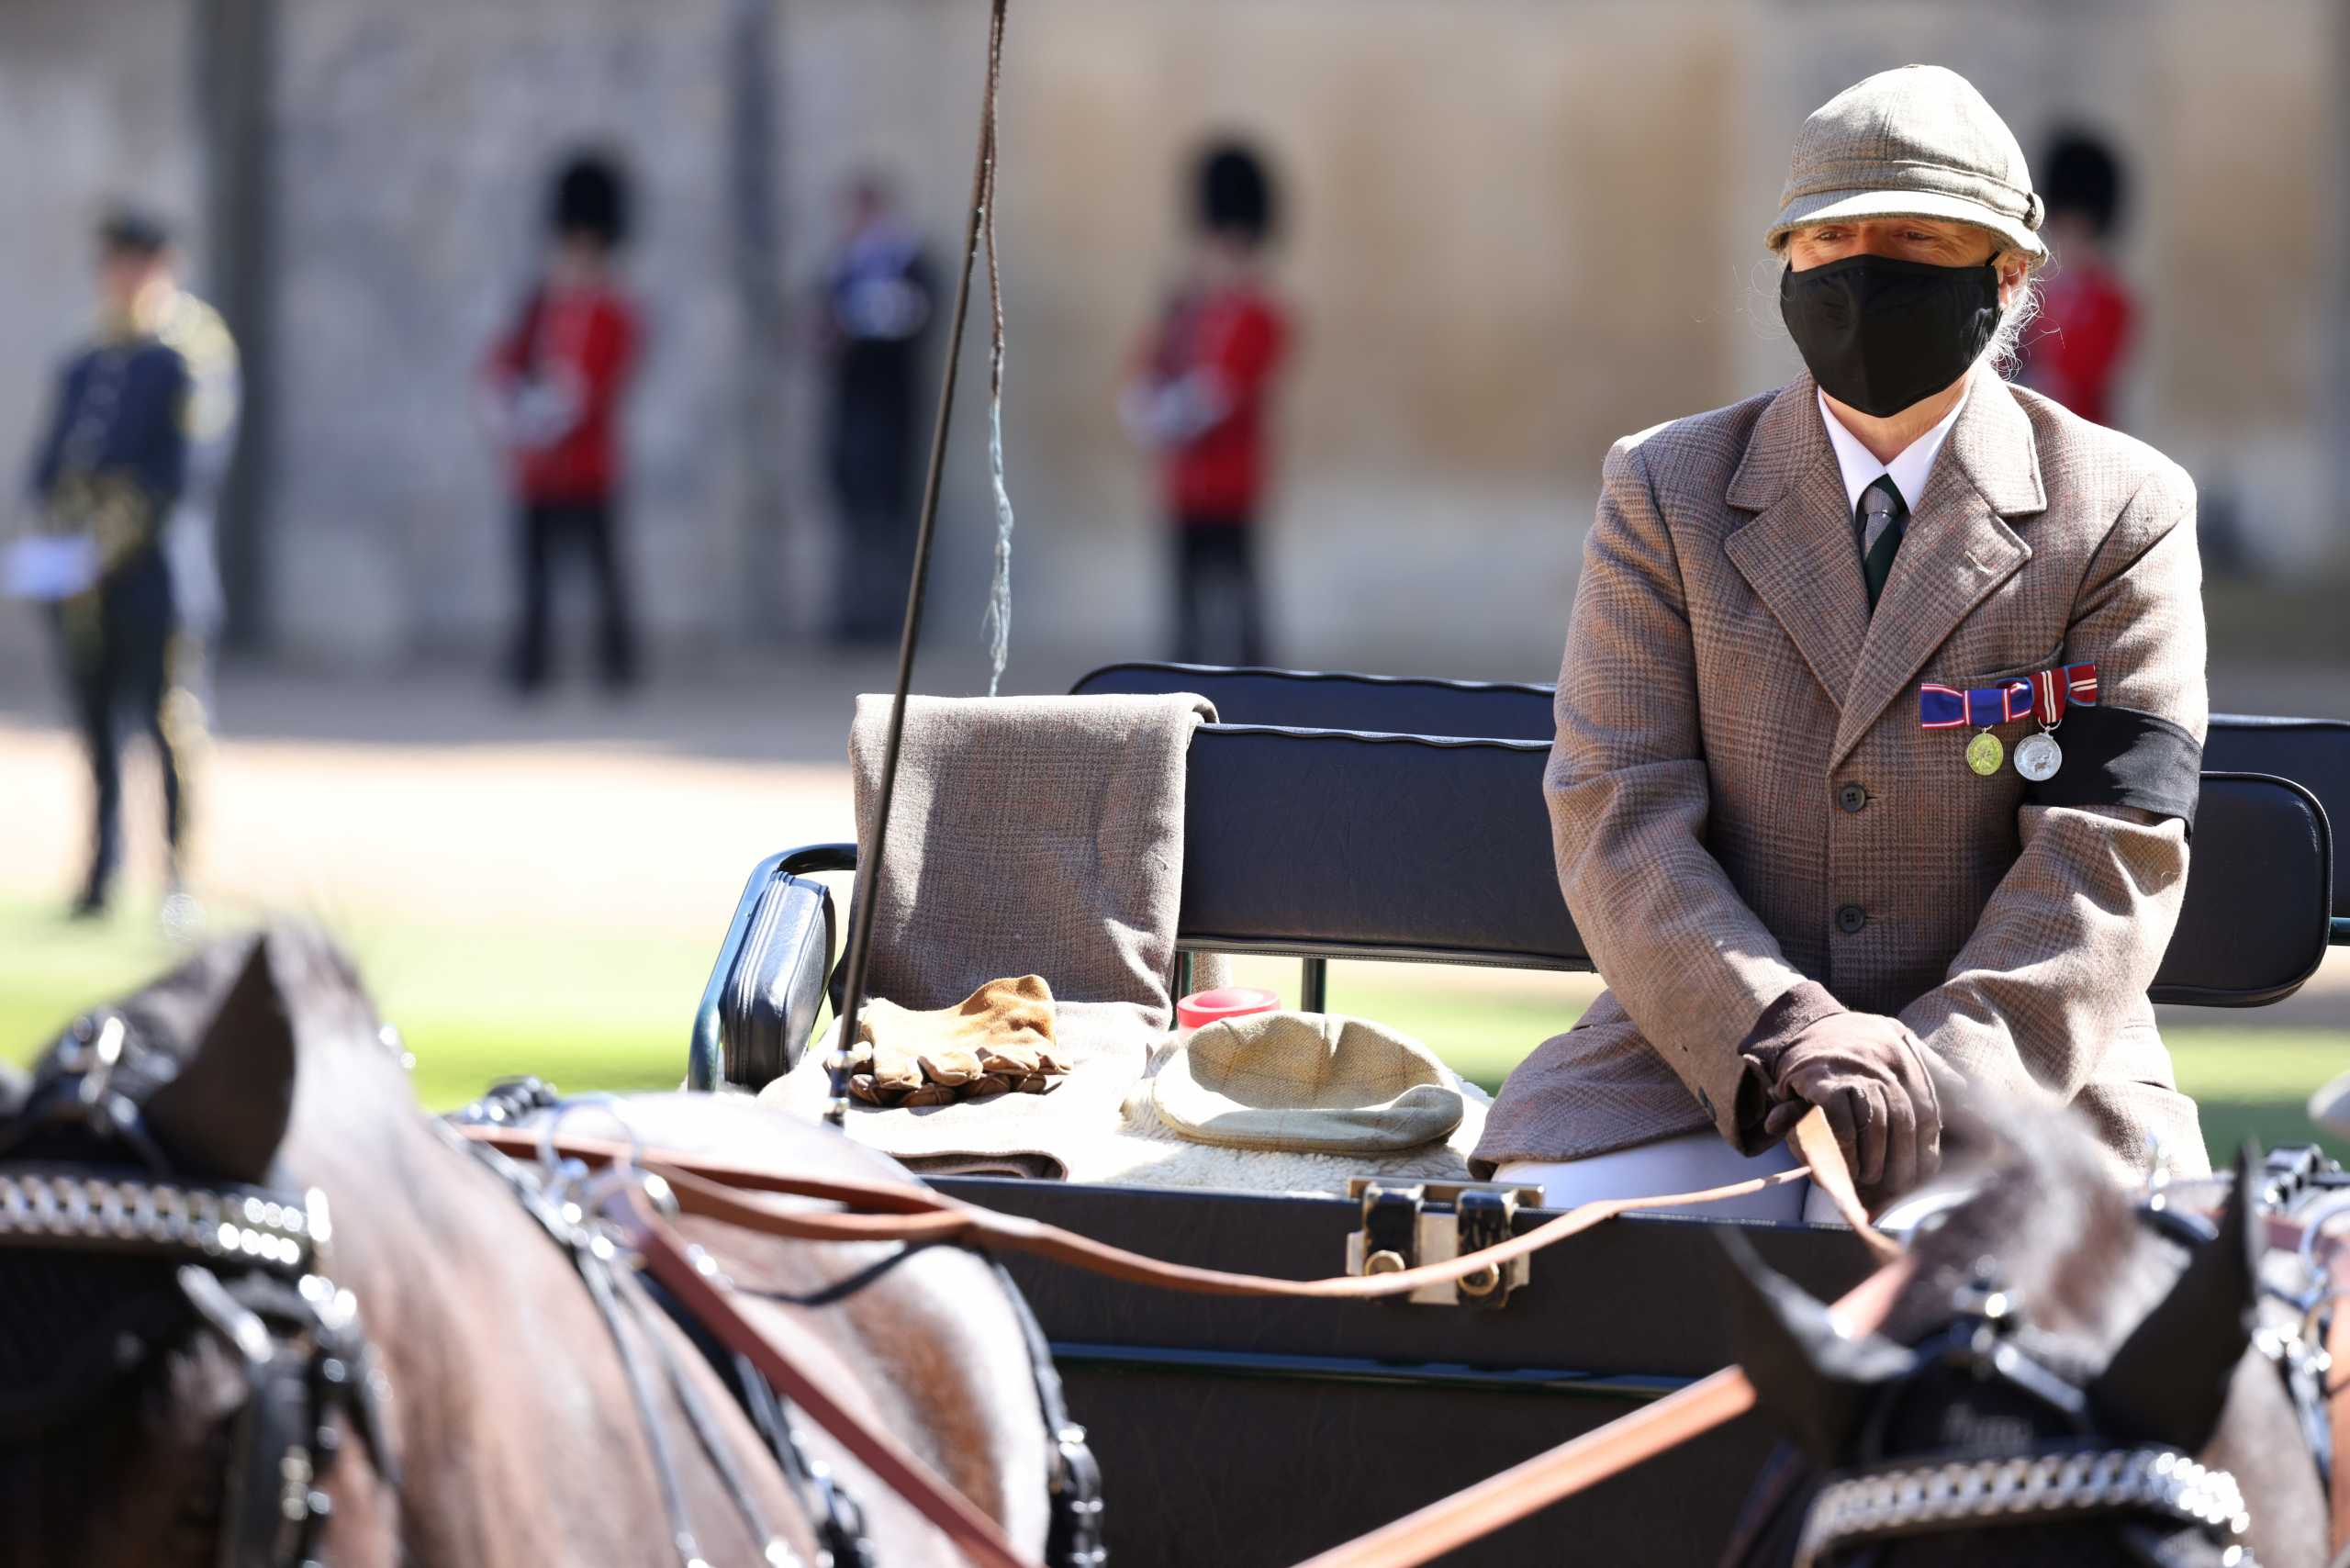 Πρίγκιπας Φίλιππος: Στην κηδεία και η άμαξά του – Το καπέλο και τα γάντια στην θέση του οδηγού (pics, vid)